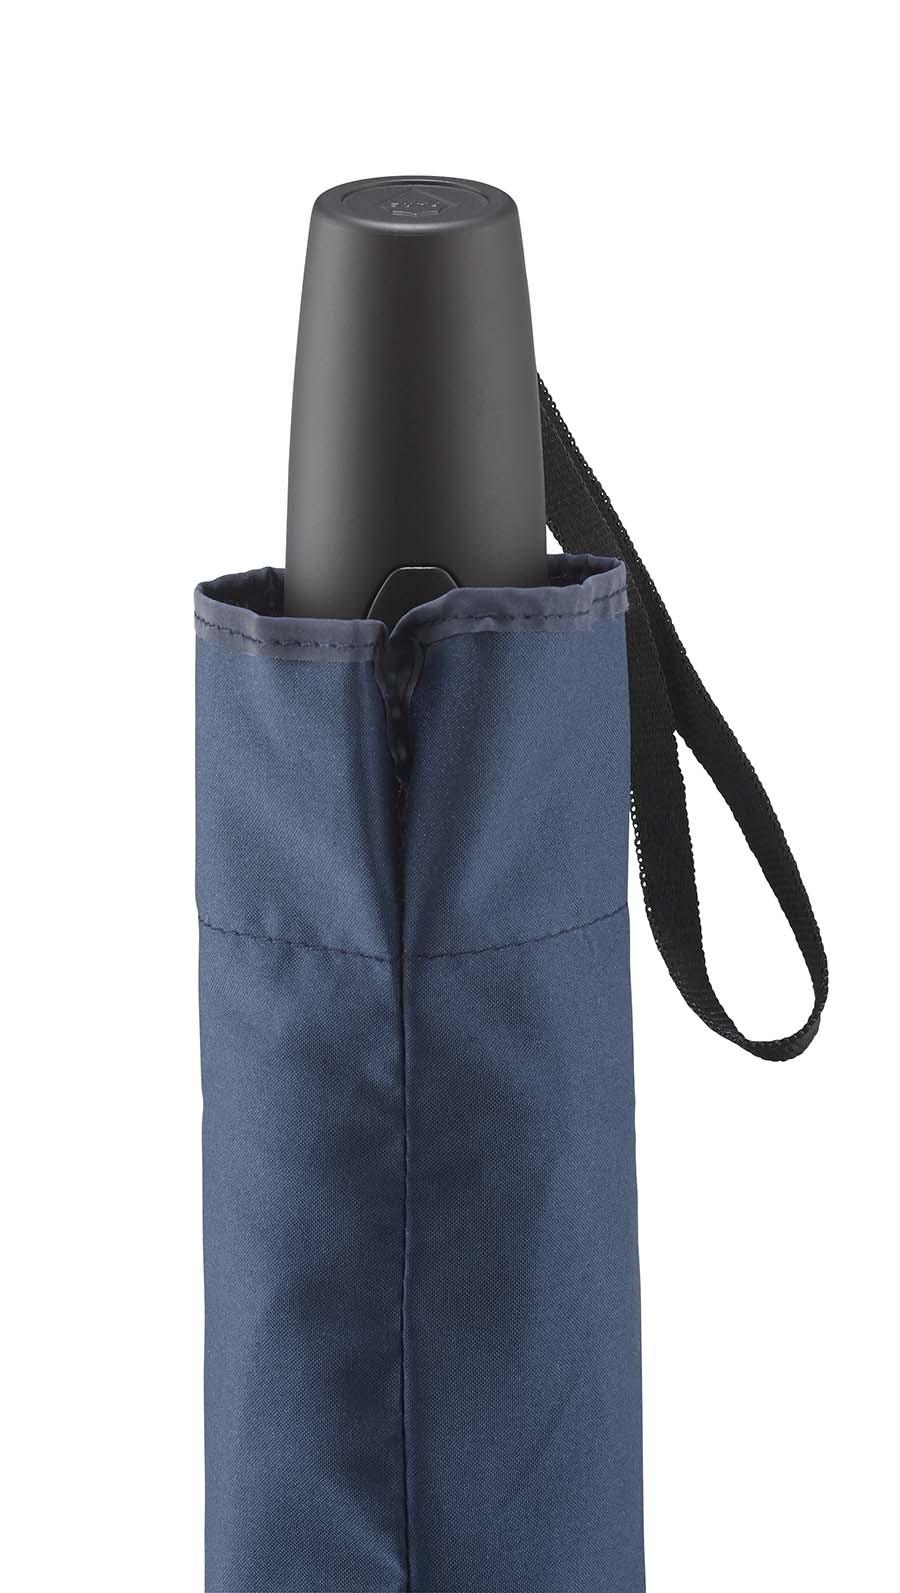 Parapluie de poche - 20-1450-1